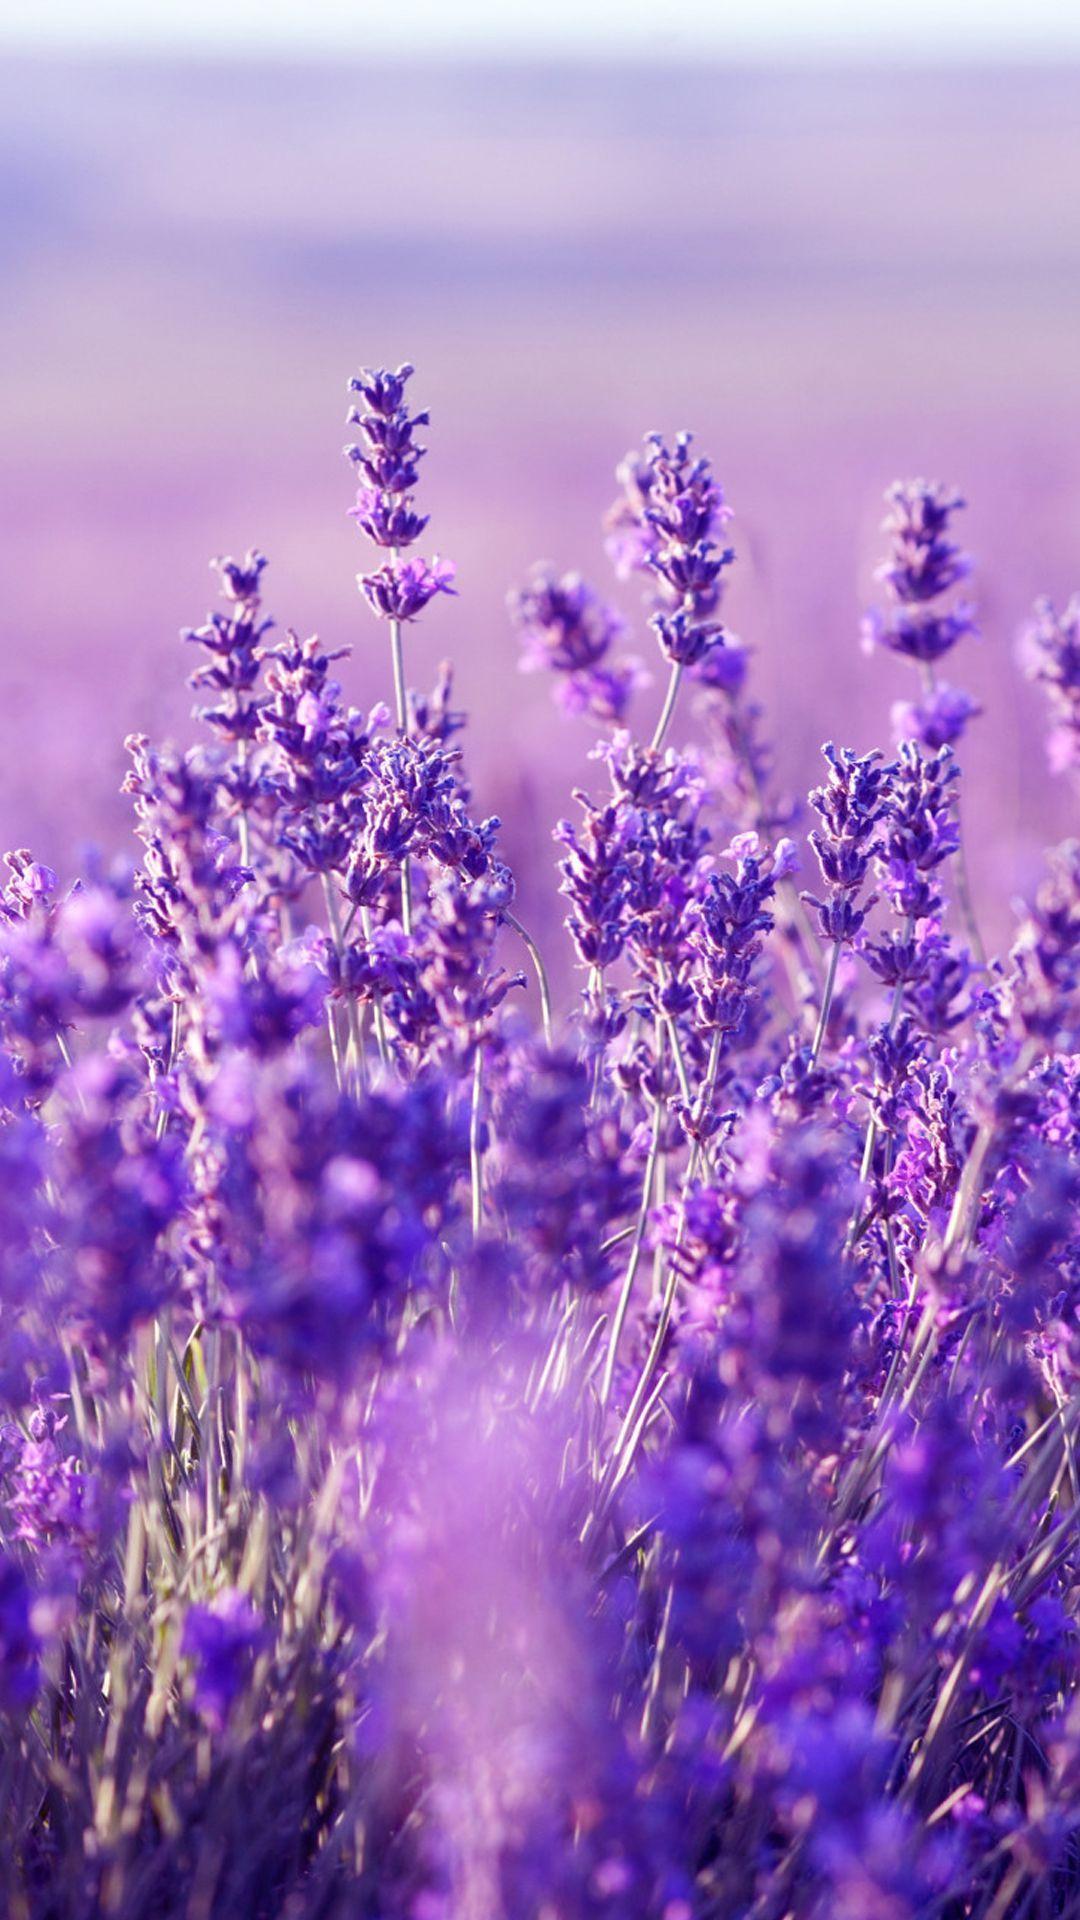 Lavender Flower Background : lavender, flower, background, Lavender, Flower, Wallpapers, Backgrounds, WallpaperAccess